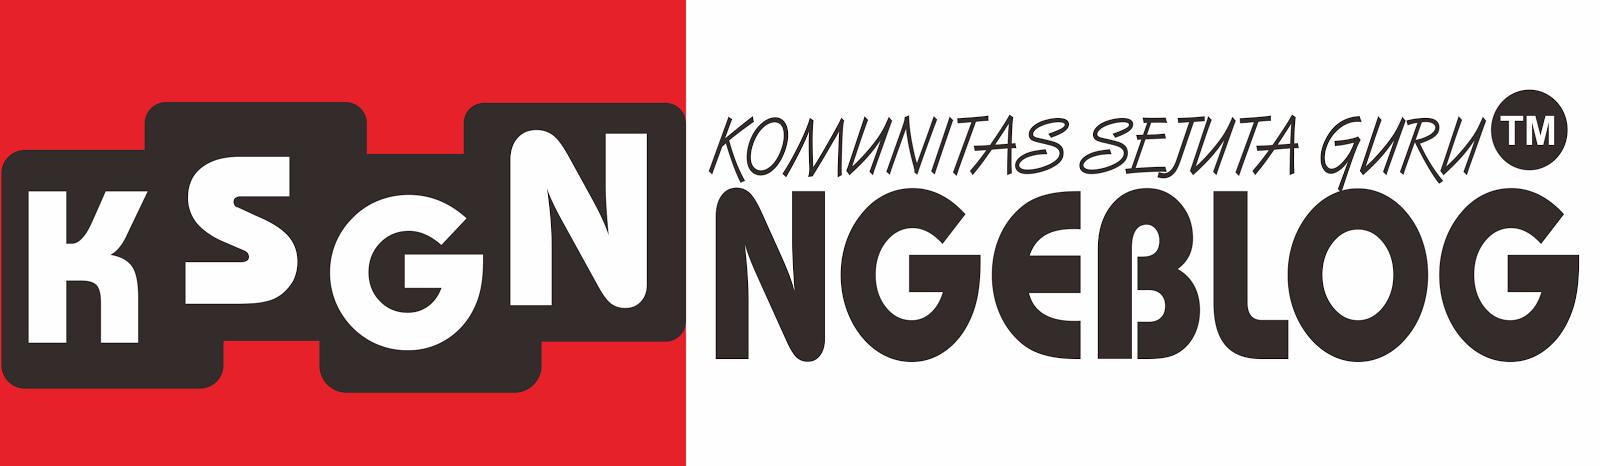 Komunitas Sejuta Guru Nge-Blog